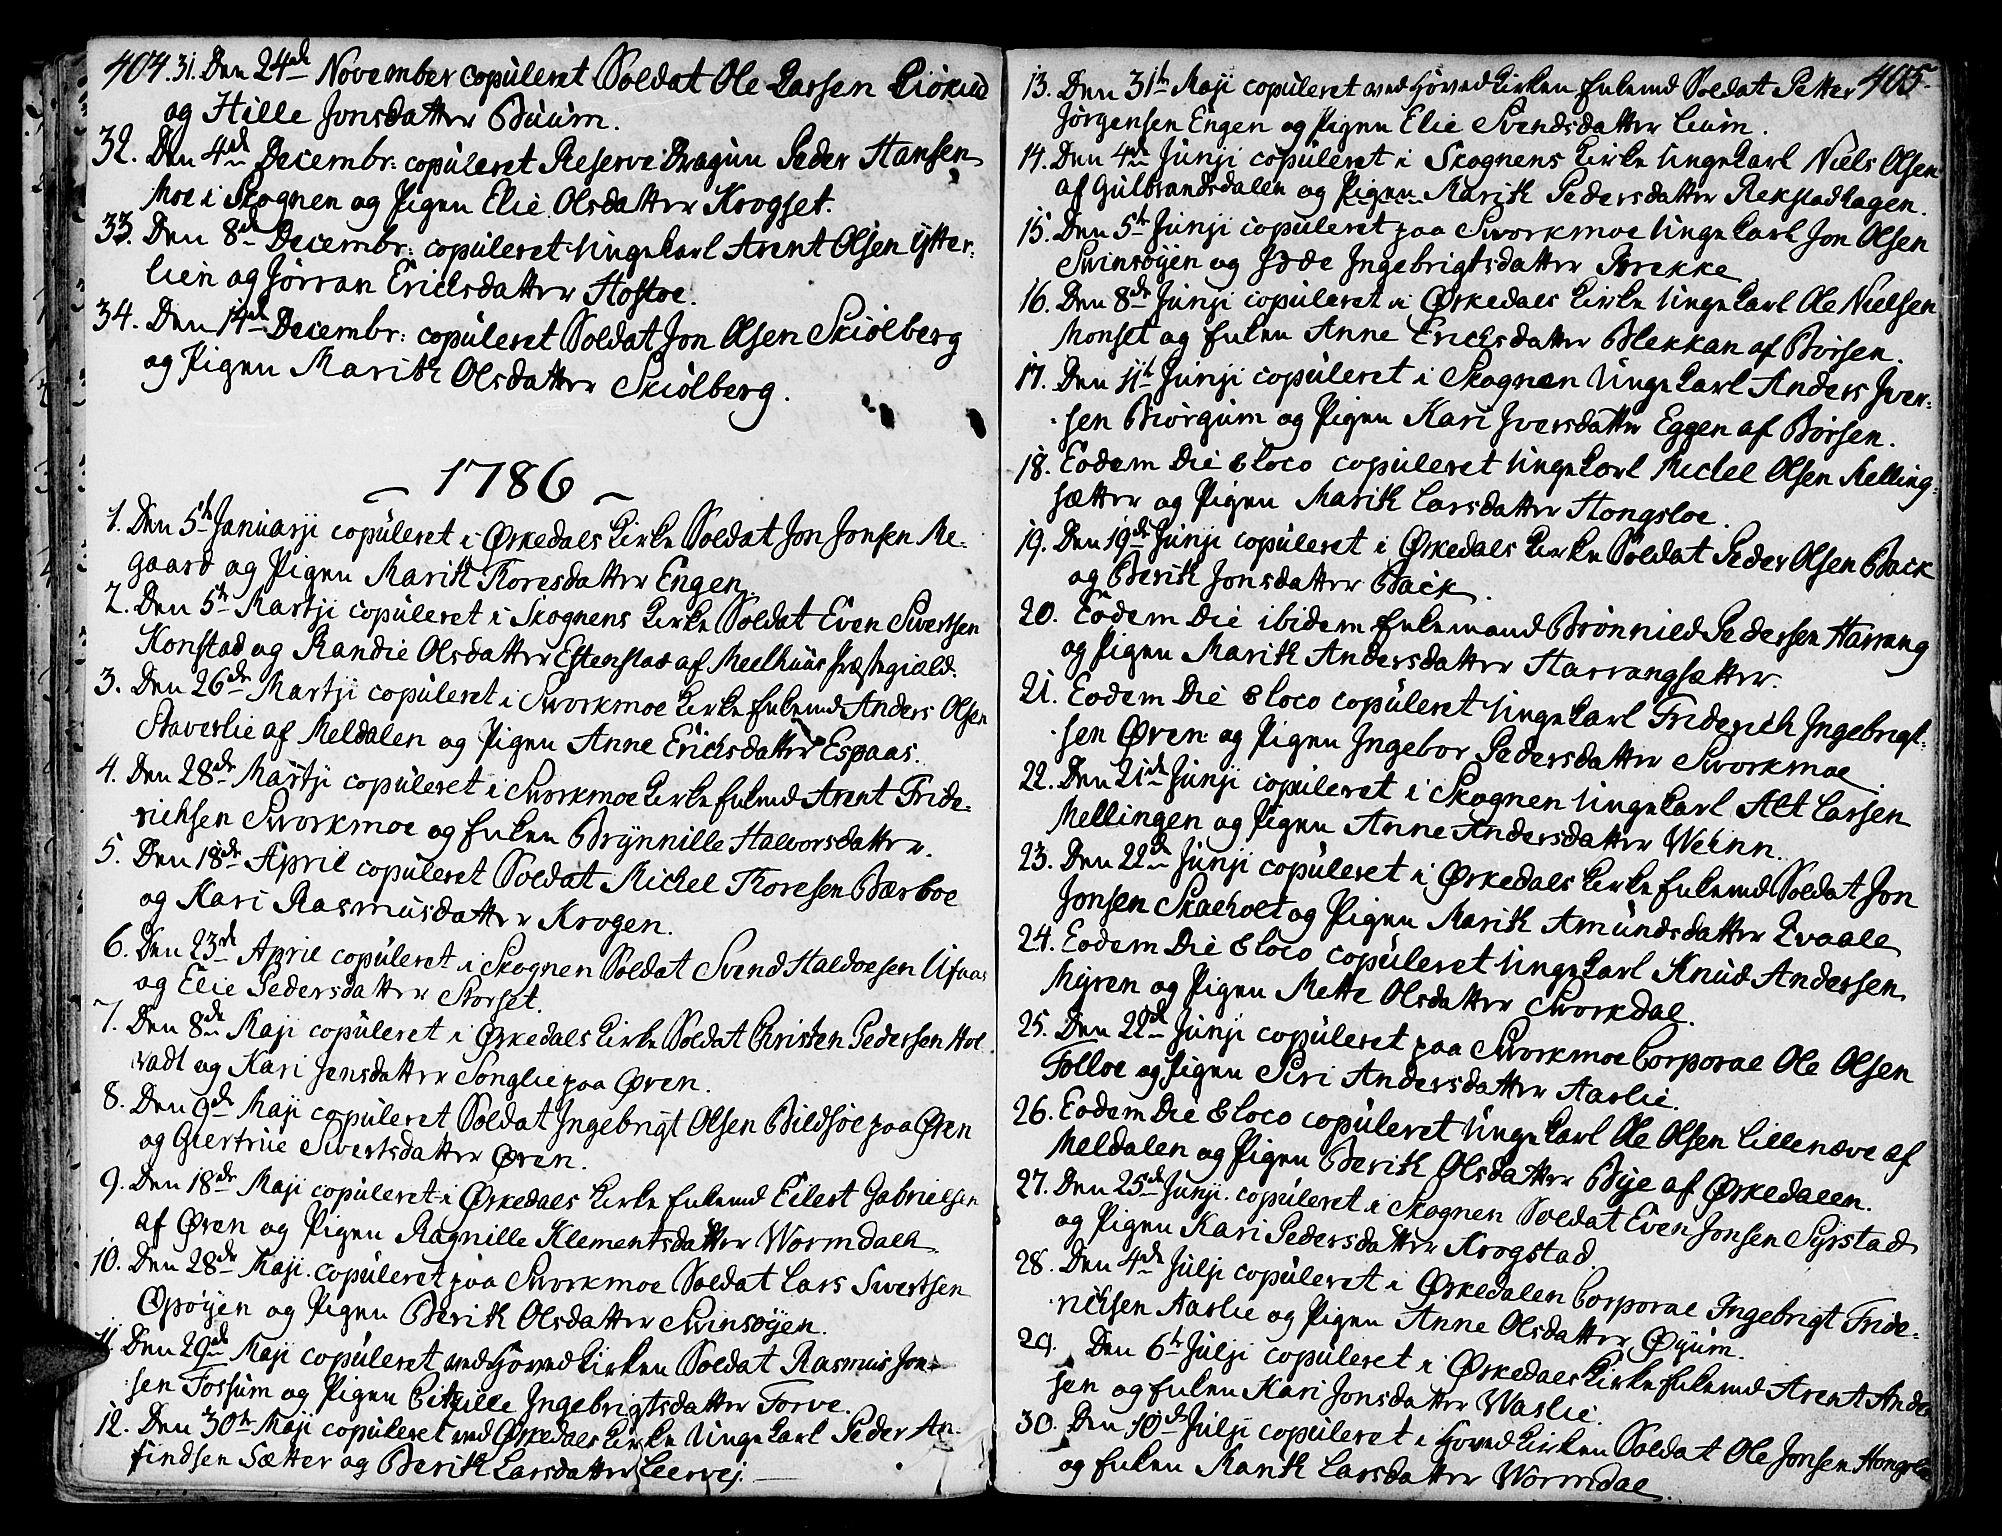 SAT, Ministerialprotokoller, klokkerbøker og fødselsregistre - Sør-Trøndelag, 668/L0802: Ministerialbok nr. 668A02, 1776-1799, s. 404-405